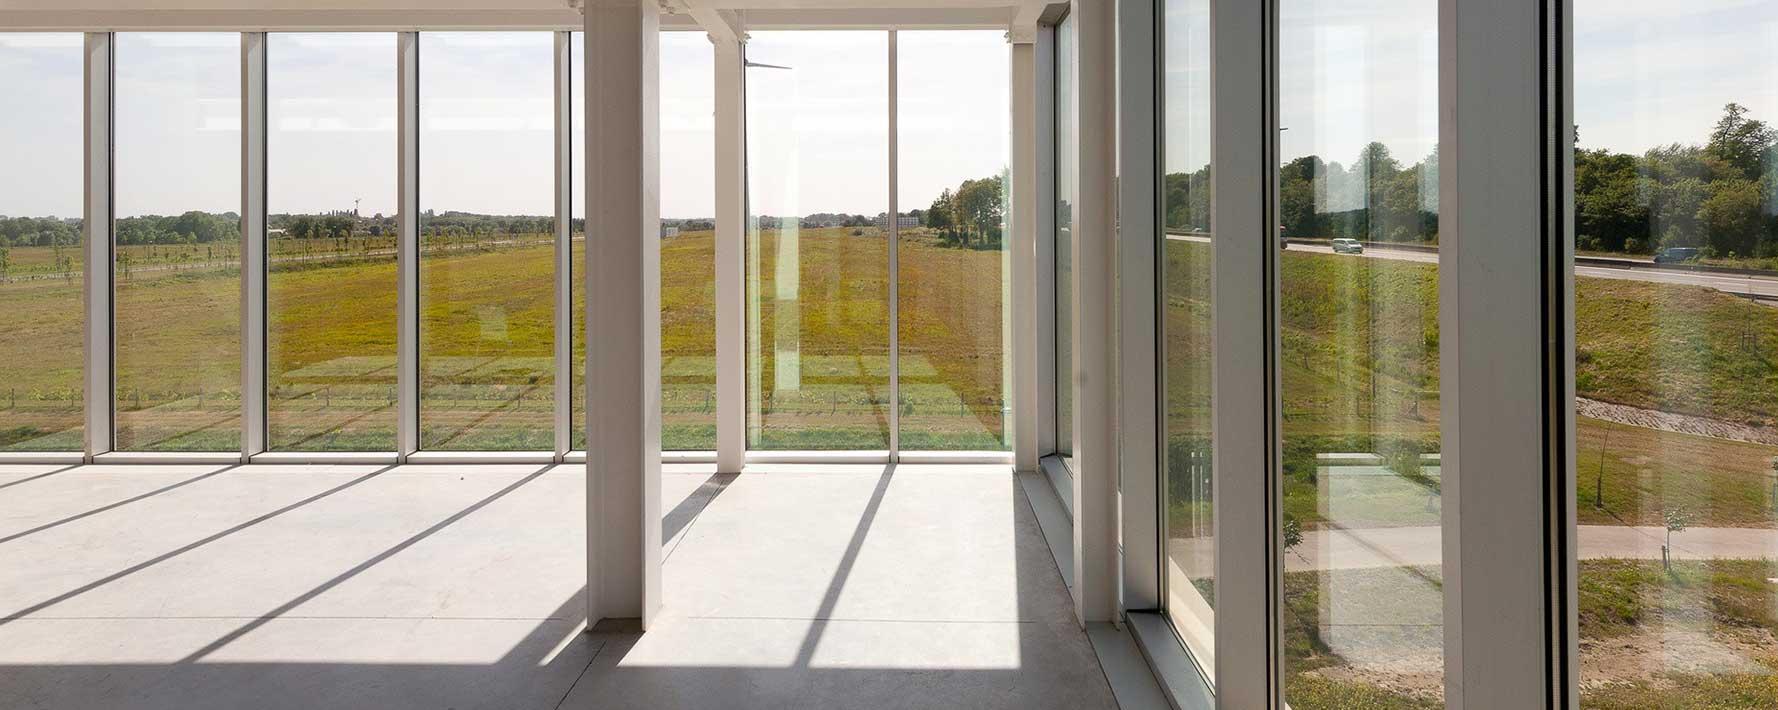 Sonnenschutzglas COOL LITE XTREME | Saint-Gobain Building Glass